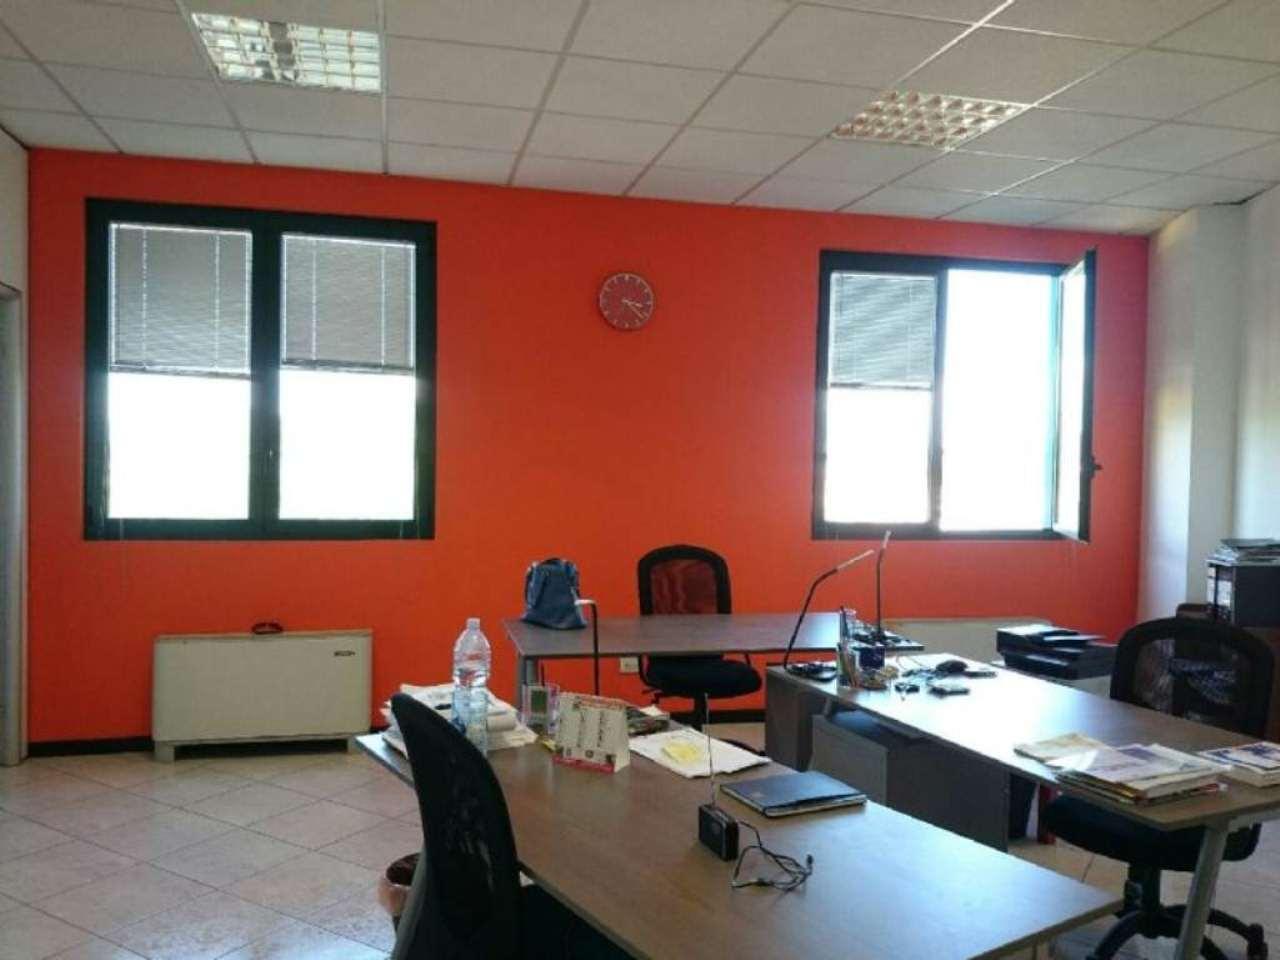 Ufficio / Studio in affitto a Cernusco sul Naviglio, 9999 locali, prezzo € 710 | Cambio Casa.it